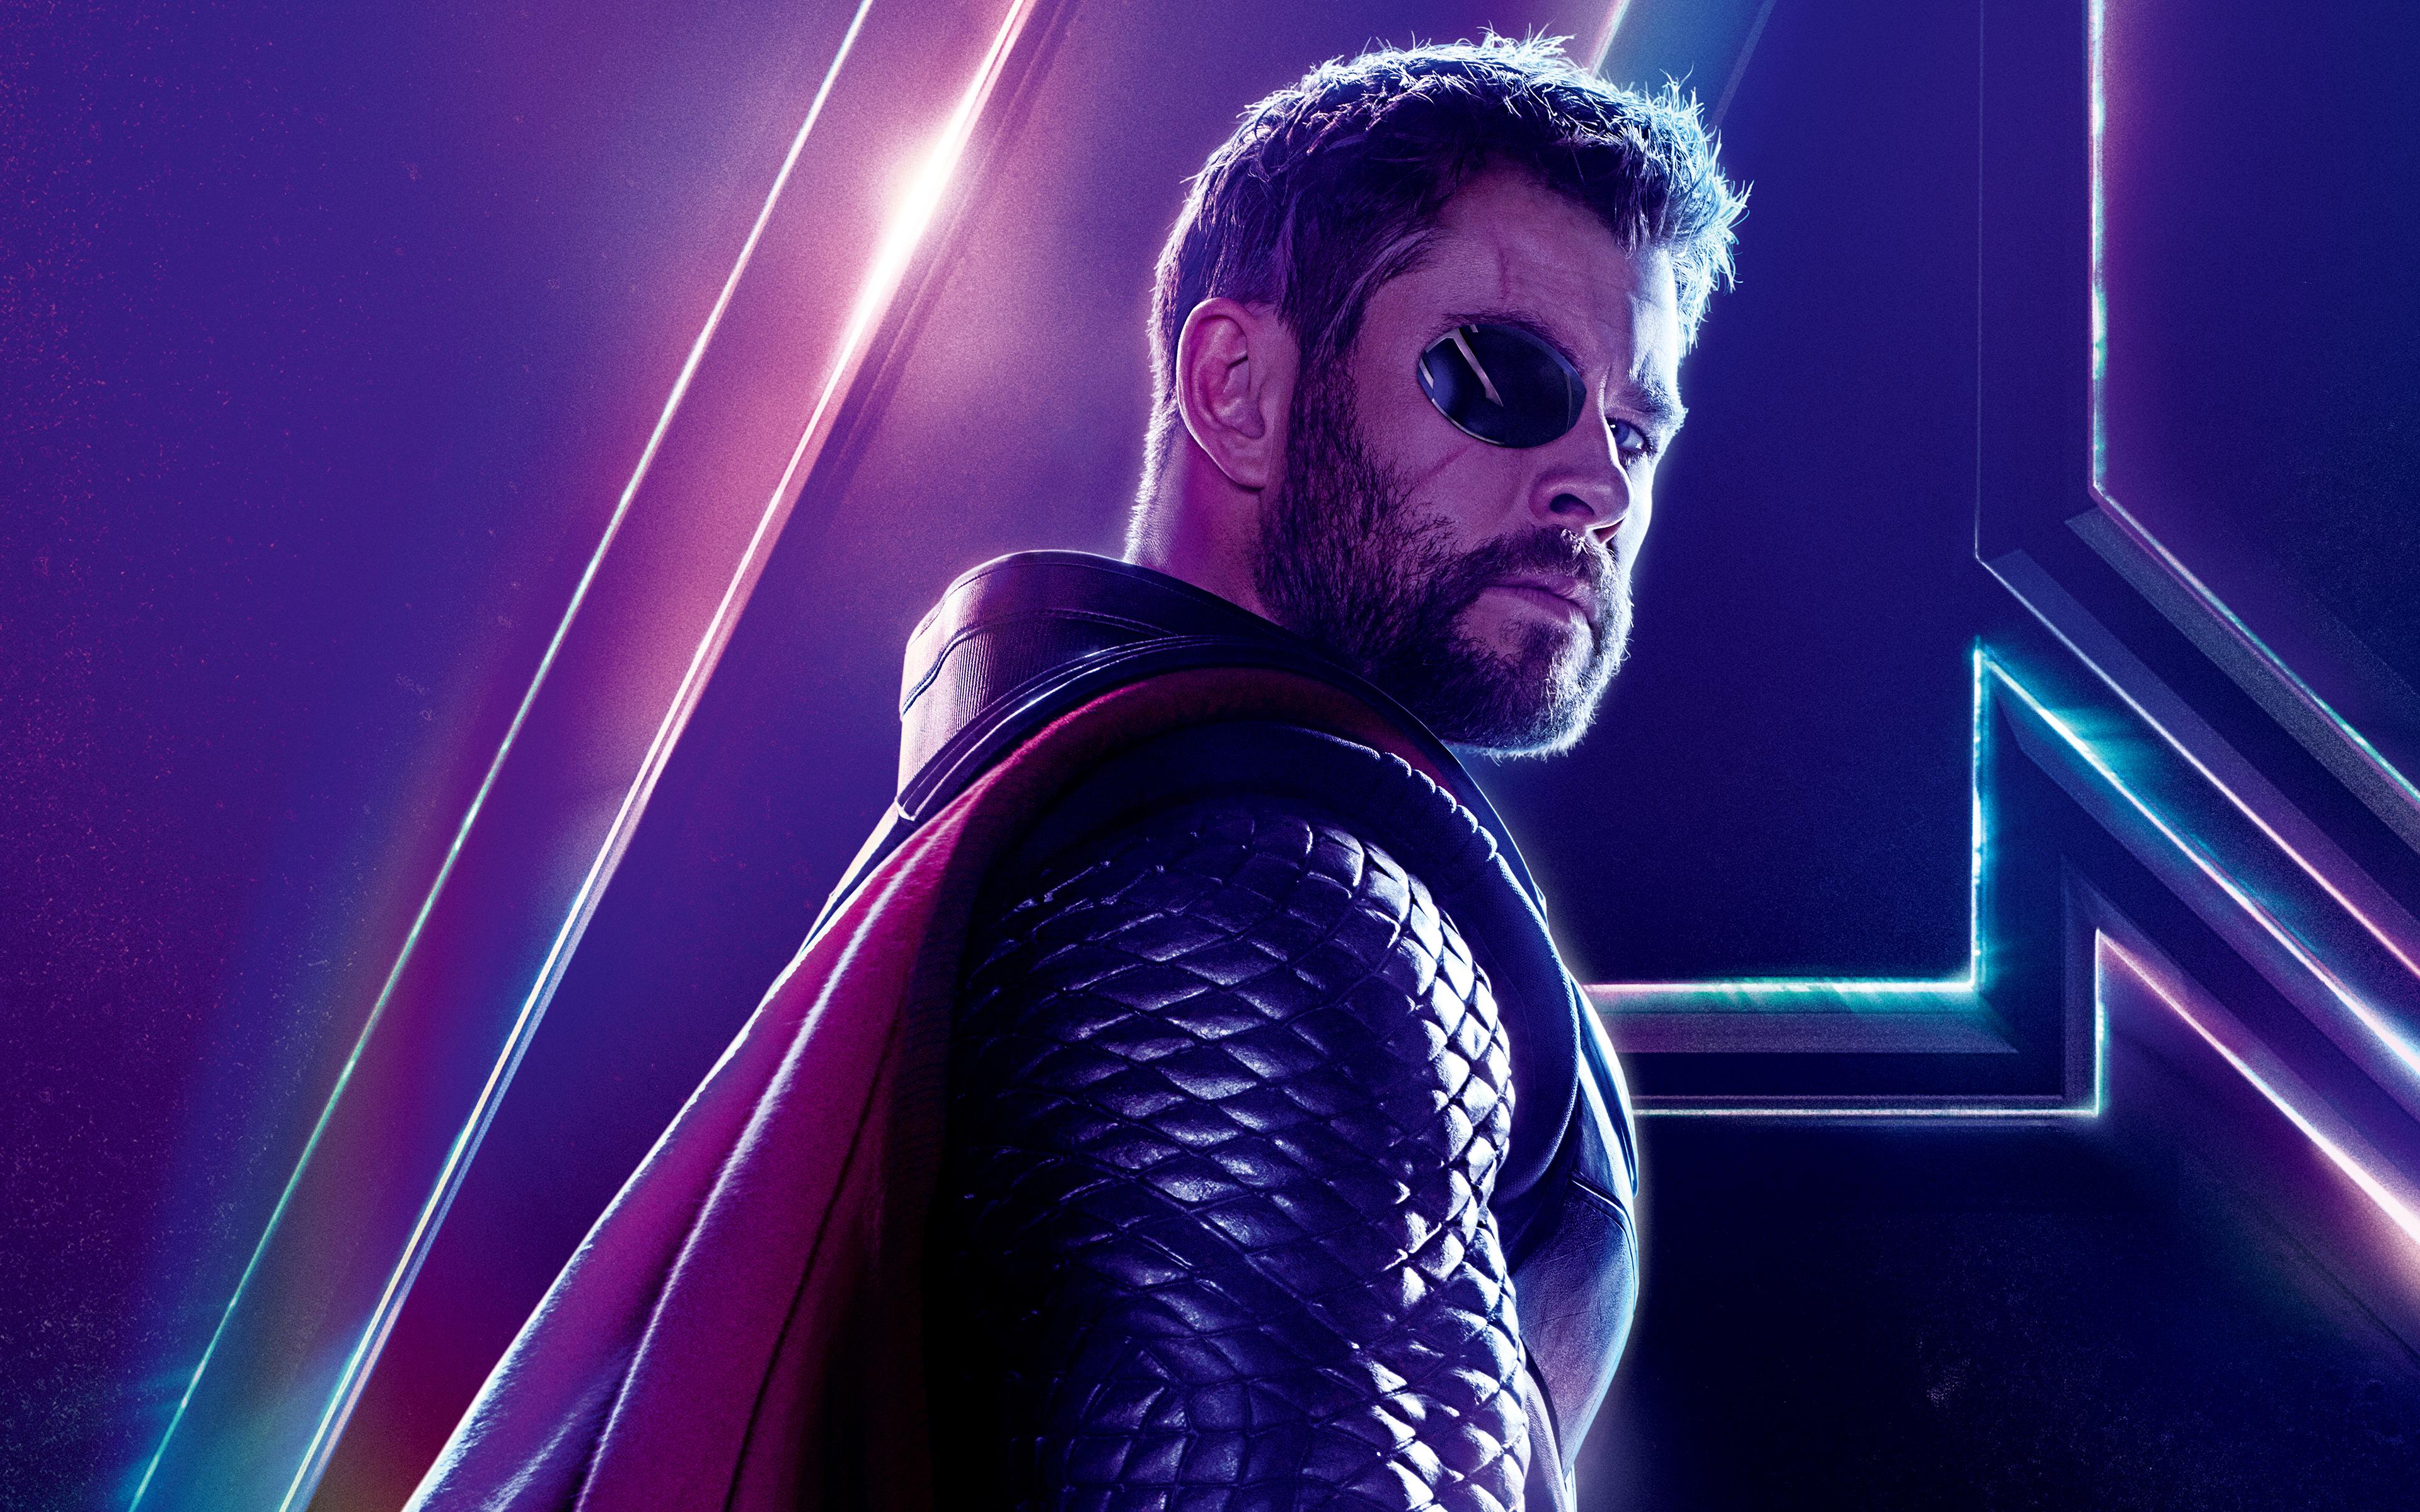 Black Widow In Avengers Infinity War Scarlett Johansson 4k 8k Wallpapers Hd Wallpapers